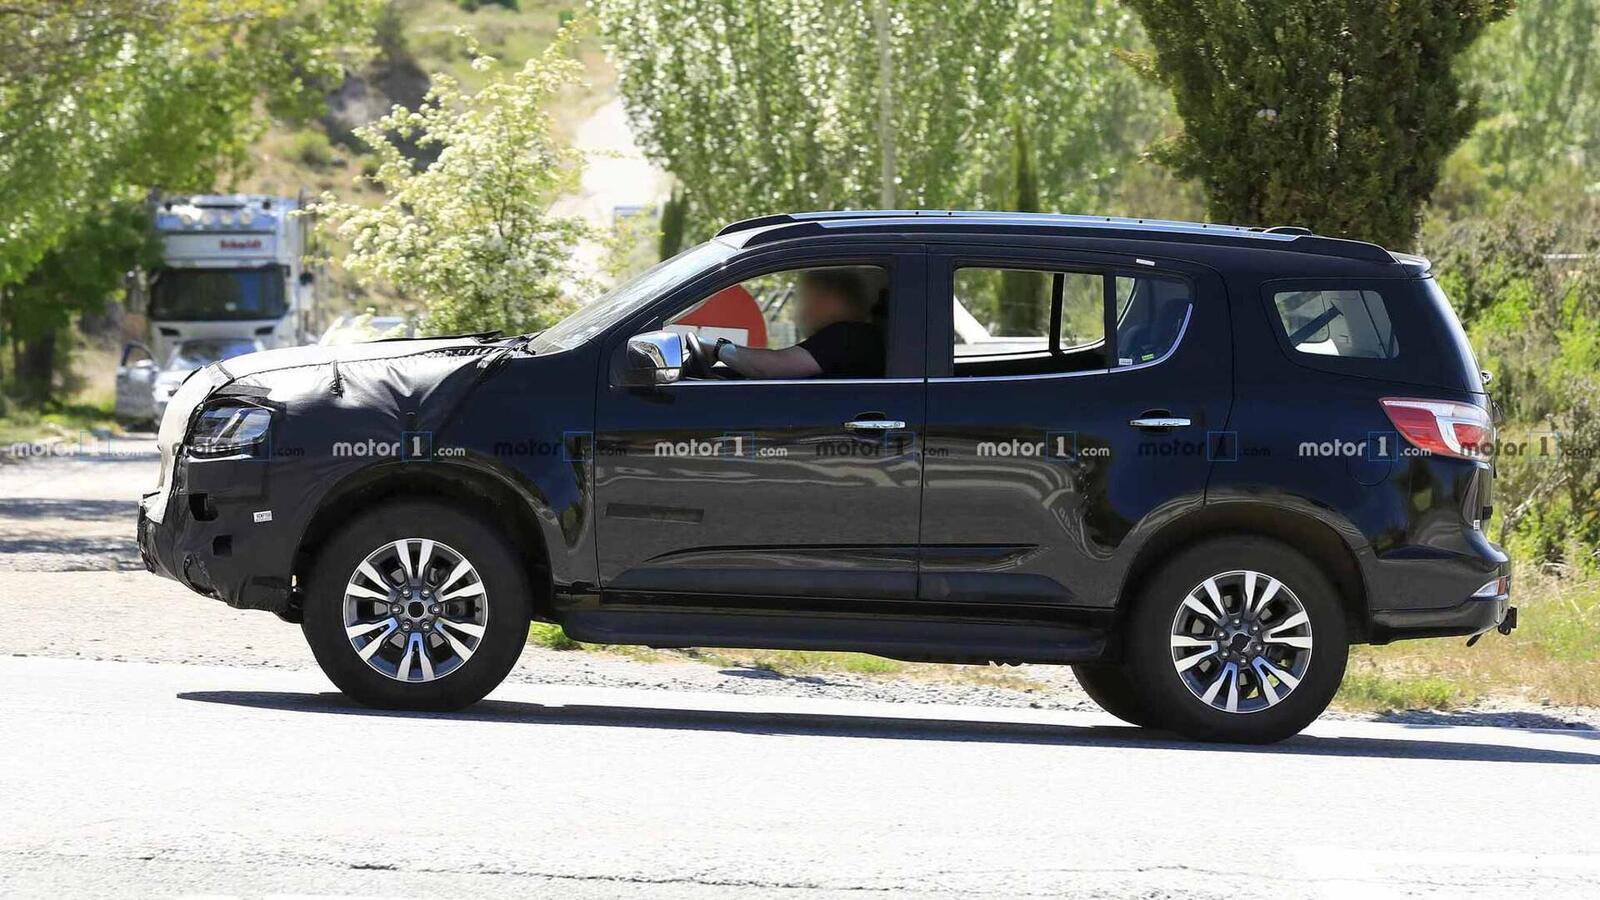 Chevrolet đang nâng cấp cho Trailblazer và có thể đưa về Mỹ trong tương lai gần - Hình 3